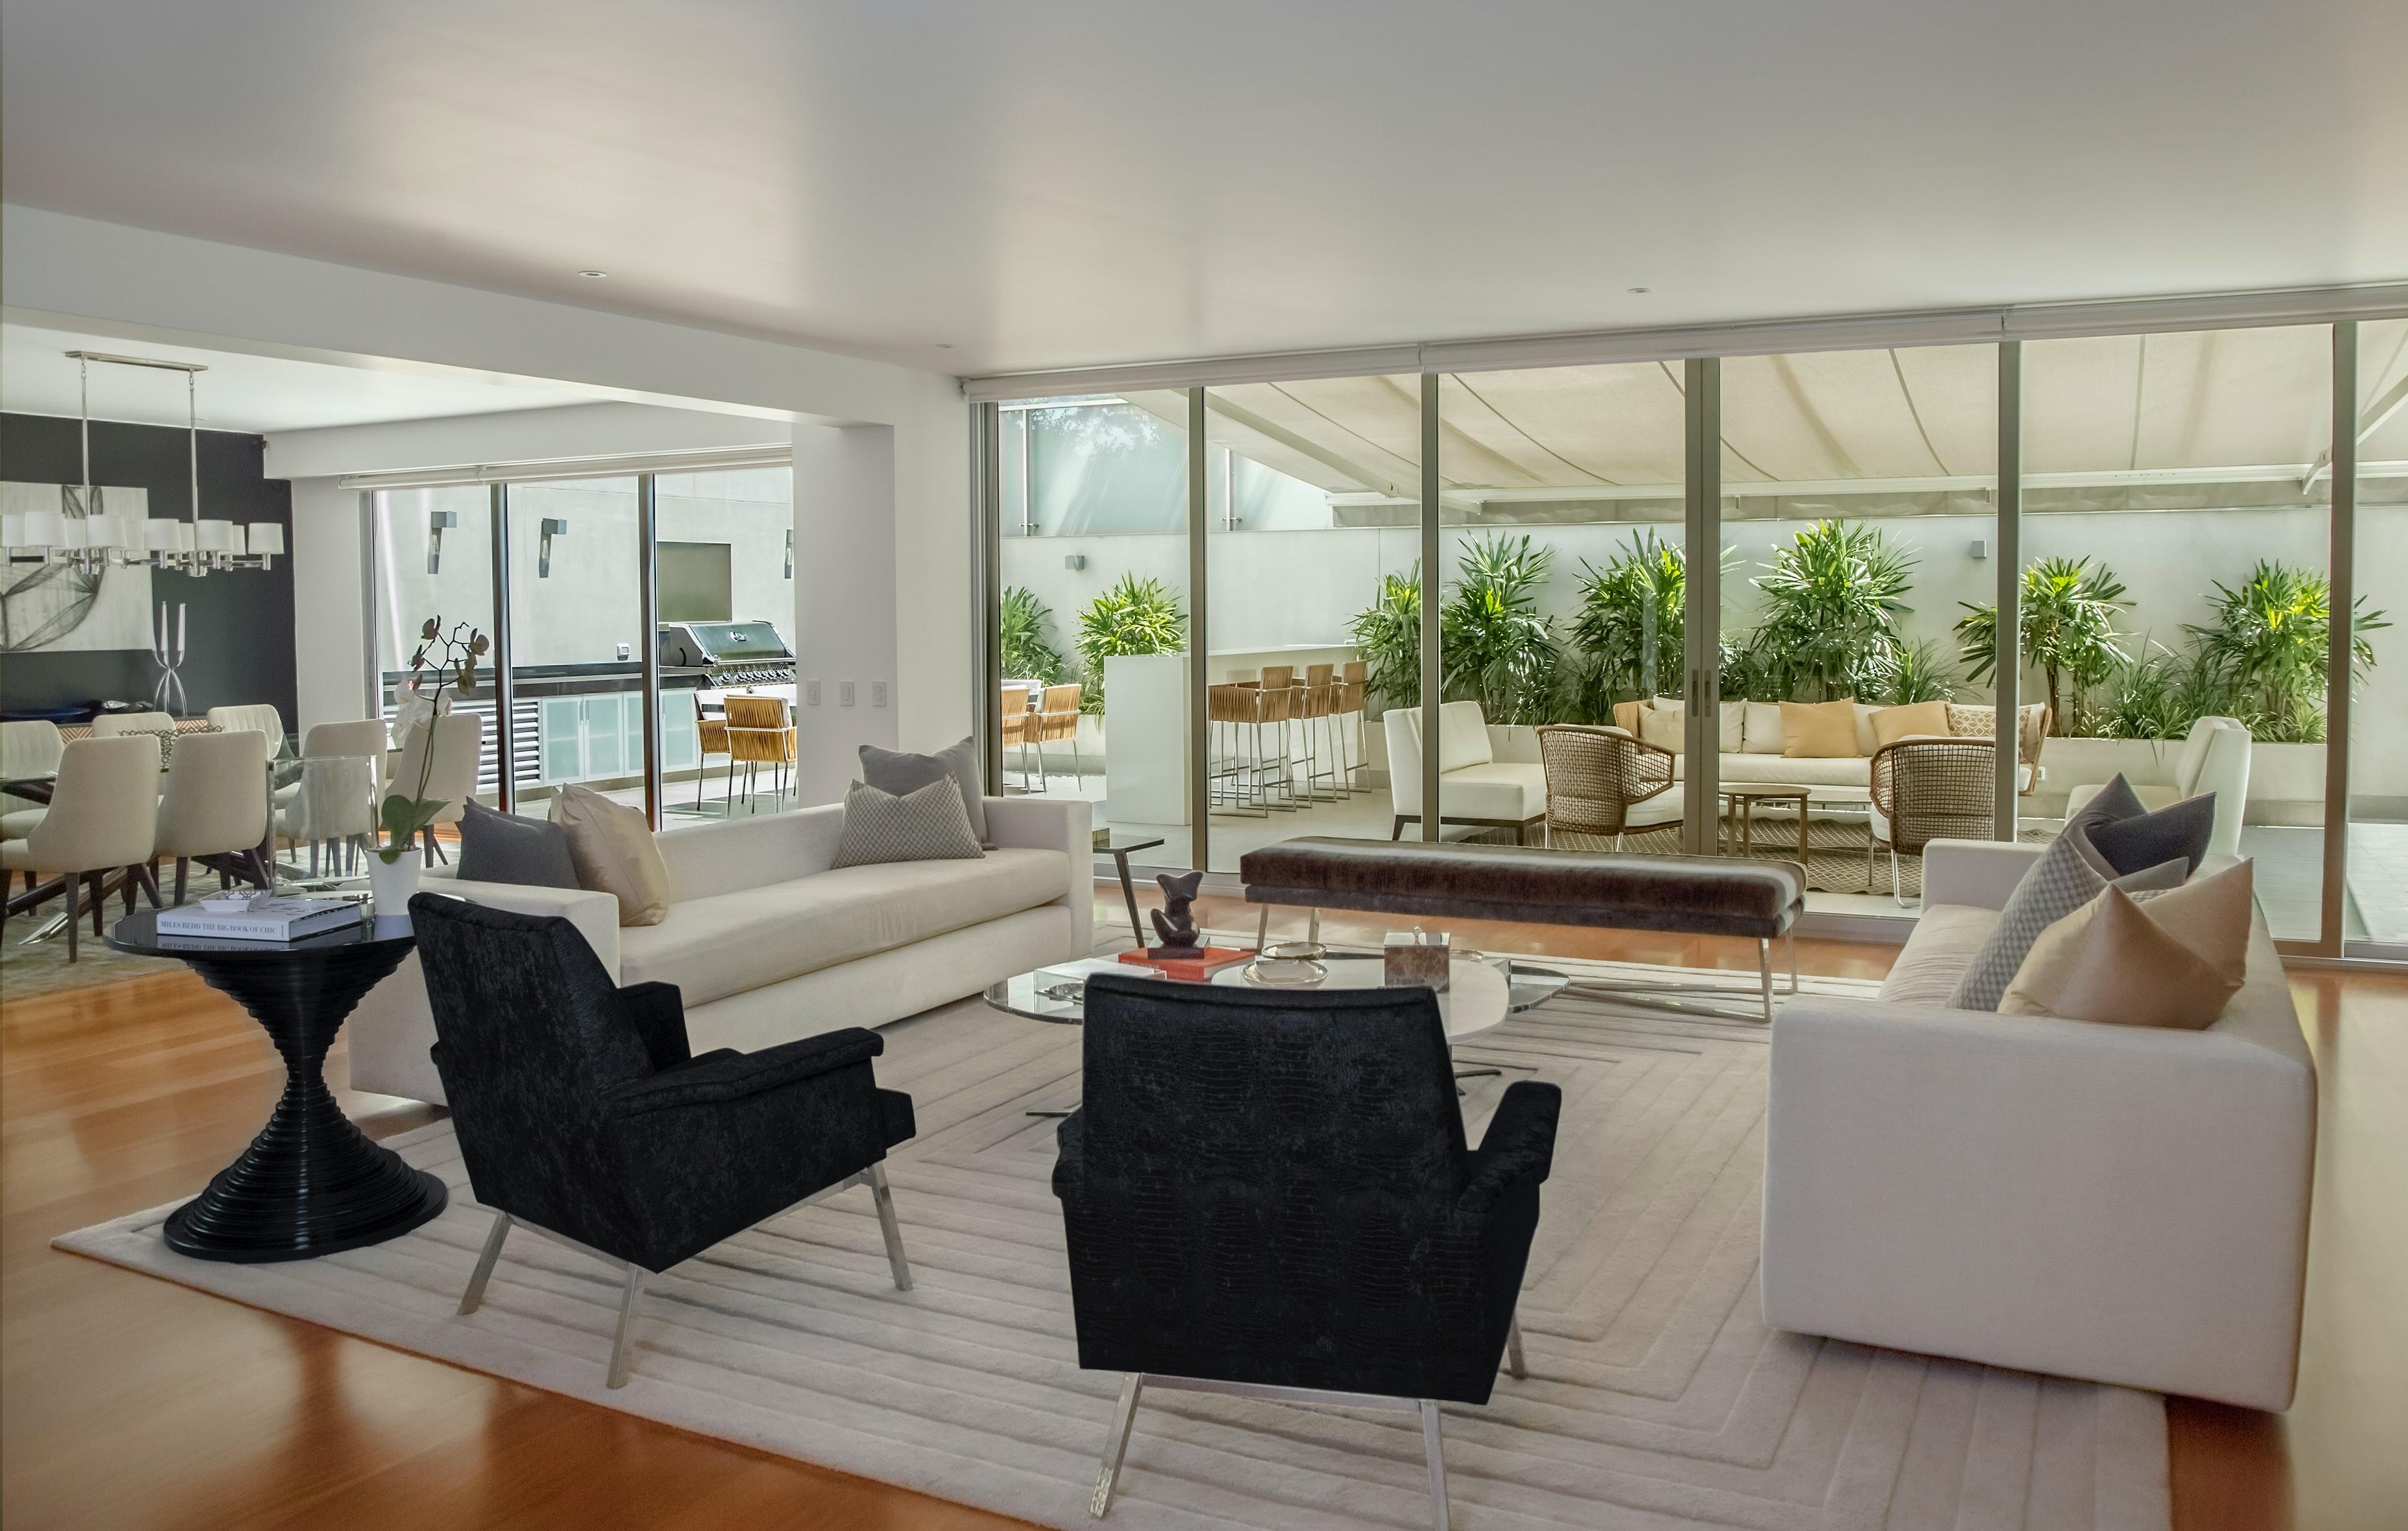 7 raisons d'investir dans l'immobilier d'ultra luxe durable